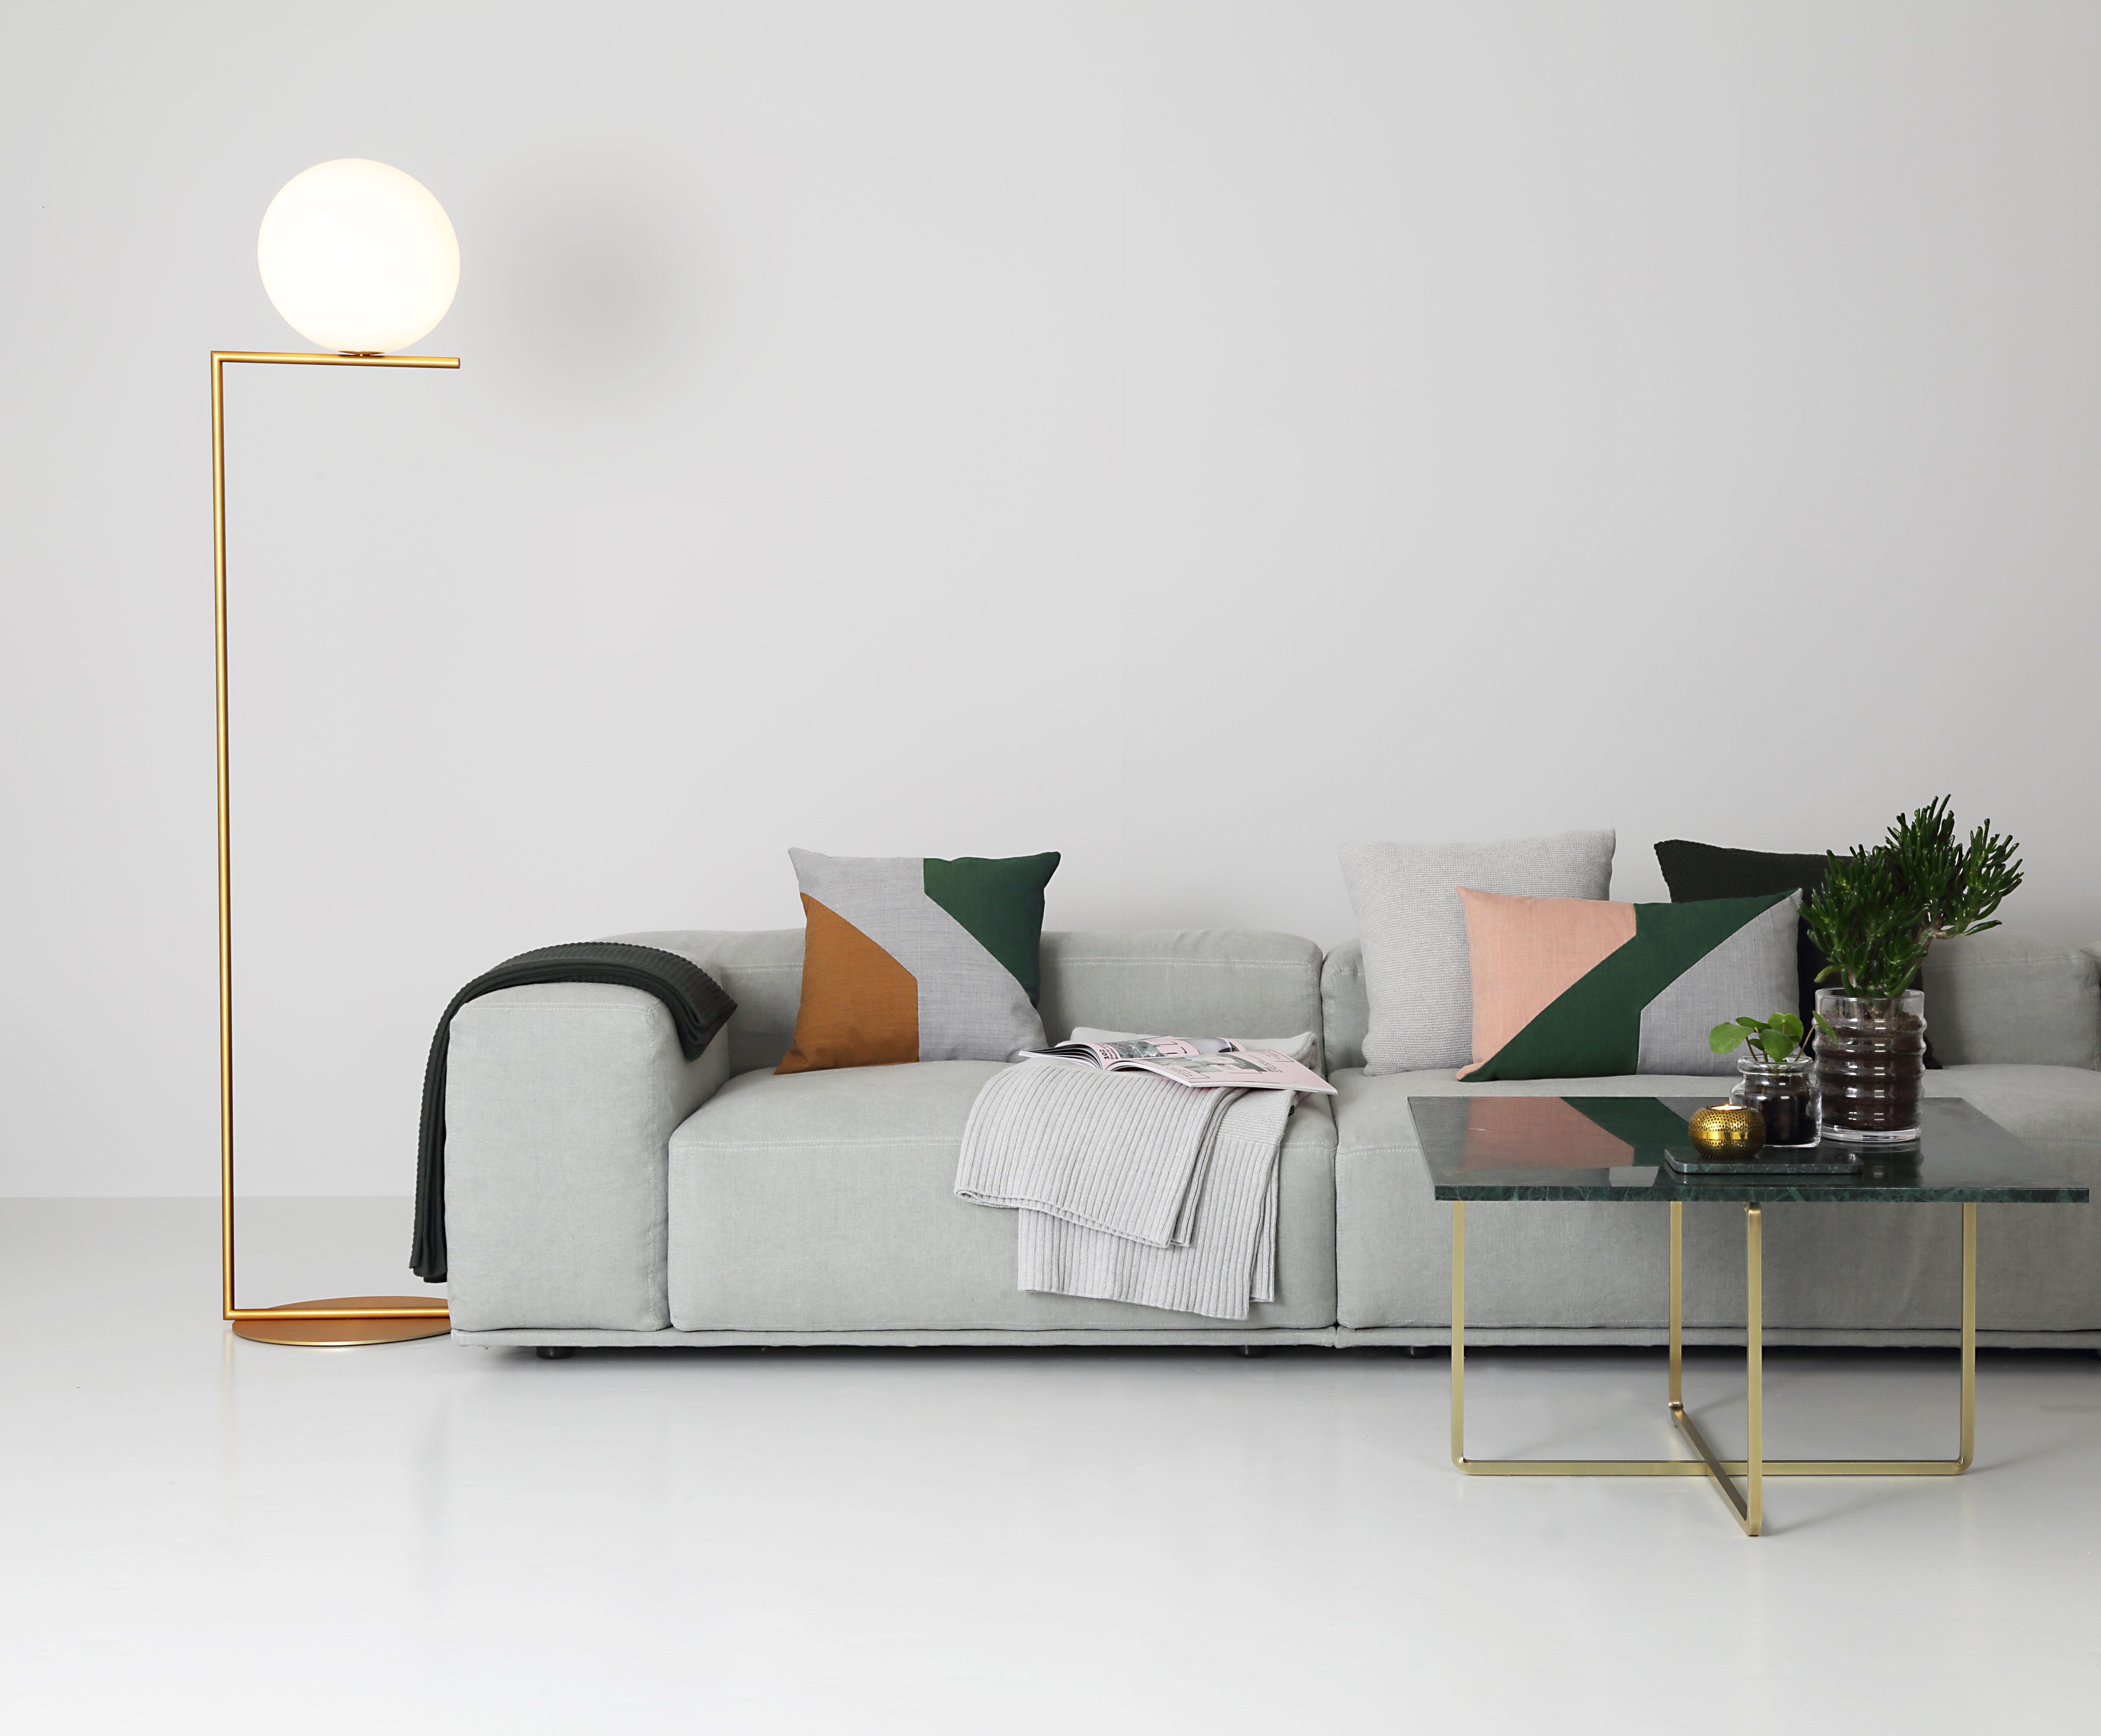 Die Liebe Zu Skandinavischen Möbeldesign Hat Uns Nach Wie Vor Fest Im  Griff. Jetzt Haben Wir Allerdings Eine Dänische Designerin Entdeckt, ...